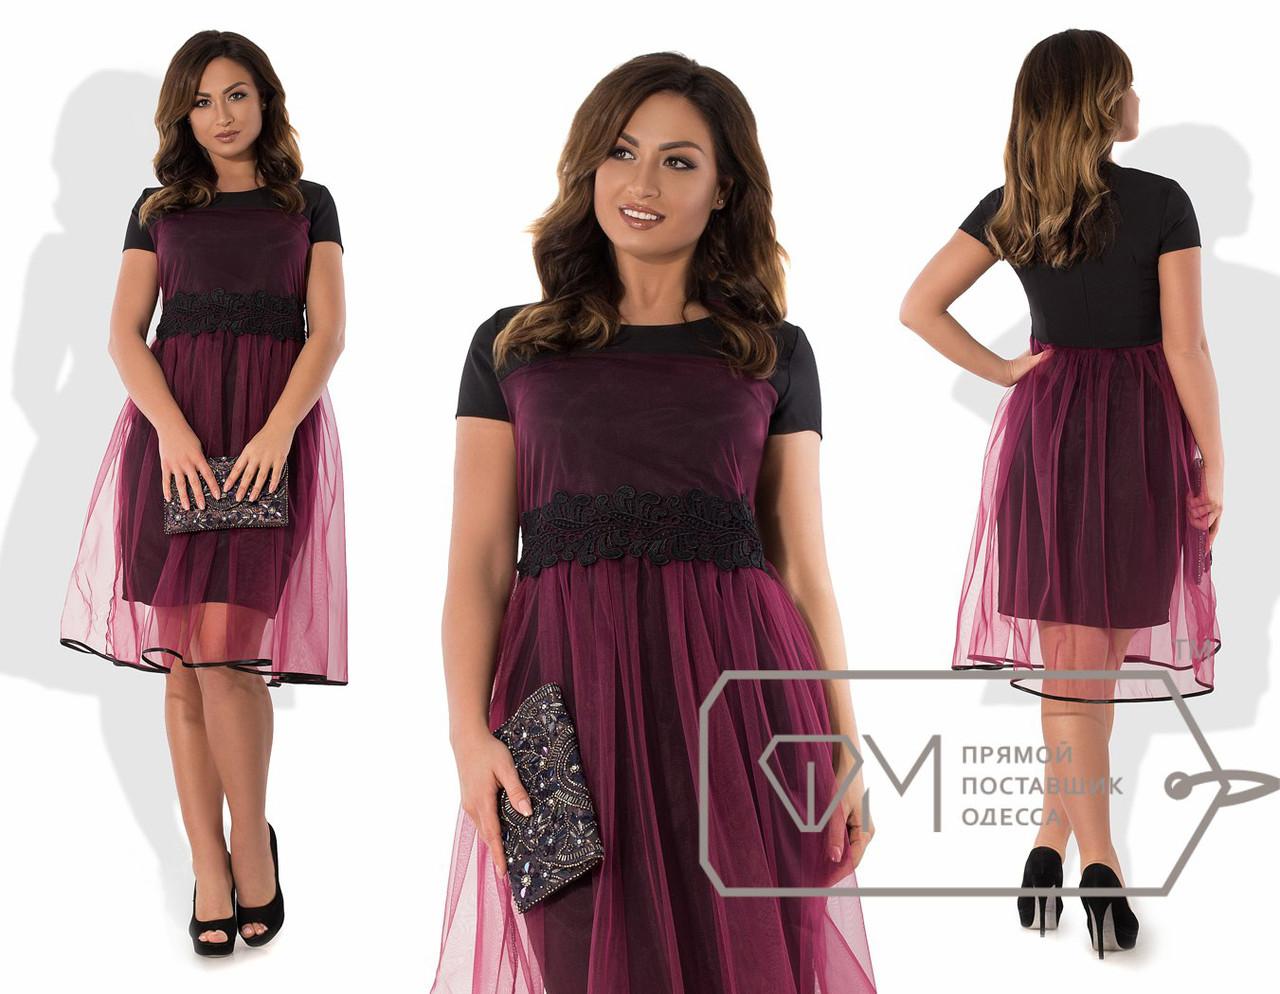 Нарядное платье с фатином и кружевом, батал - All You Need - прямой  поставщик женской 0be456f44f1